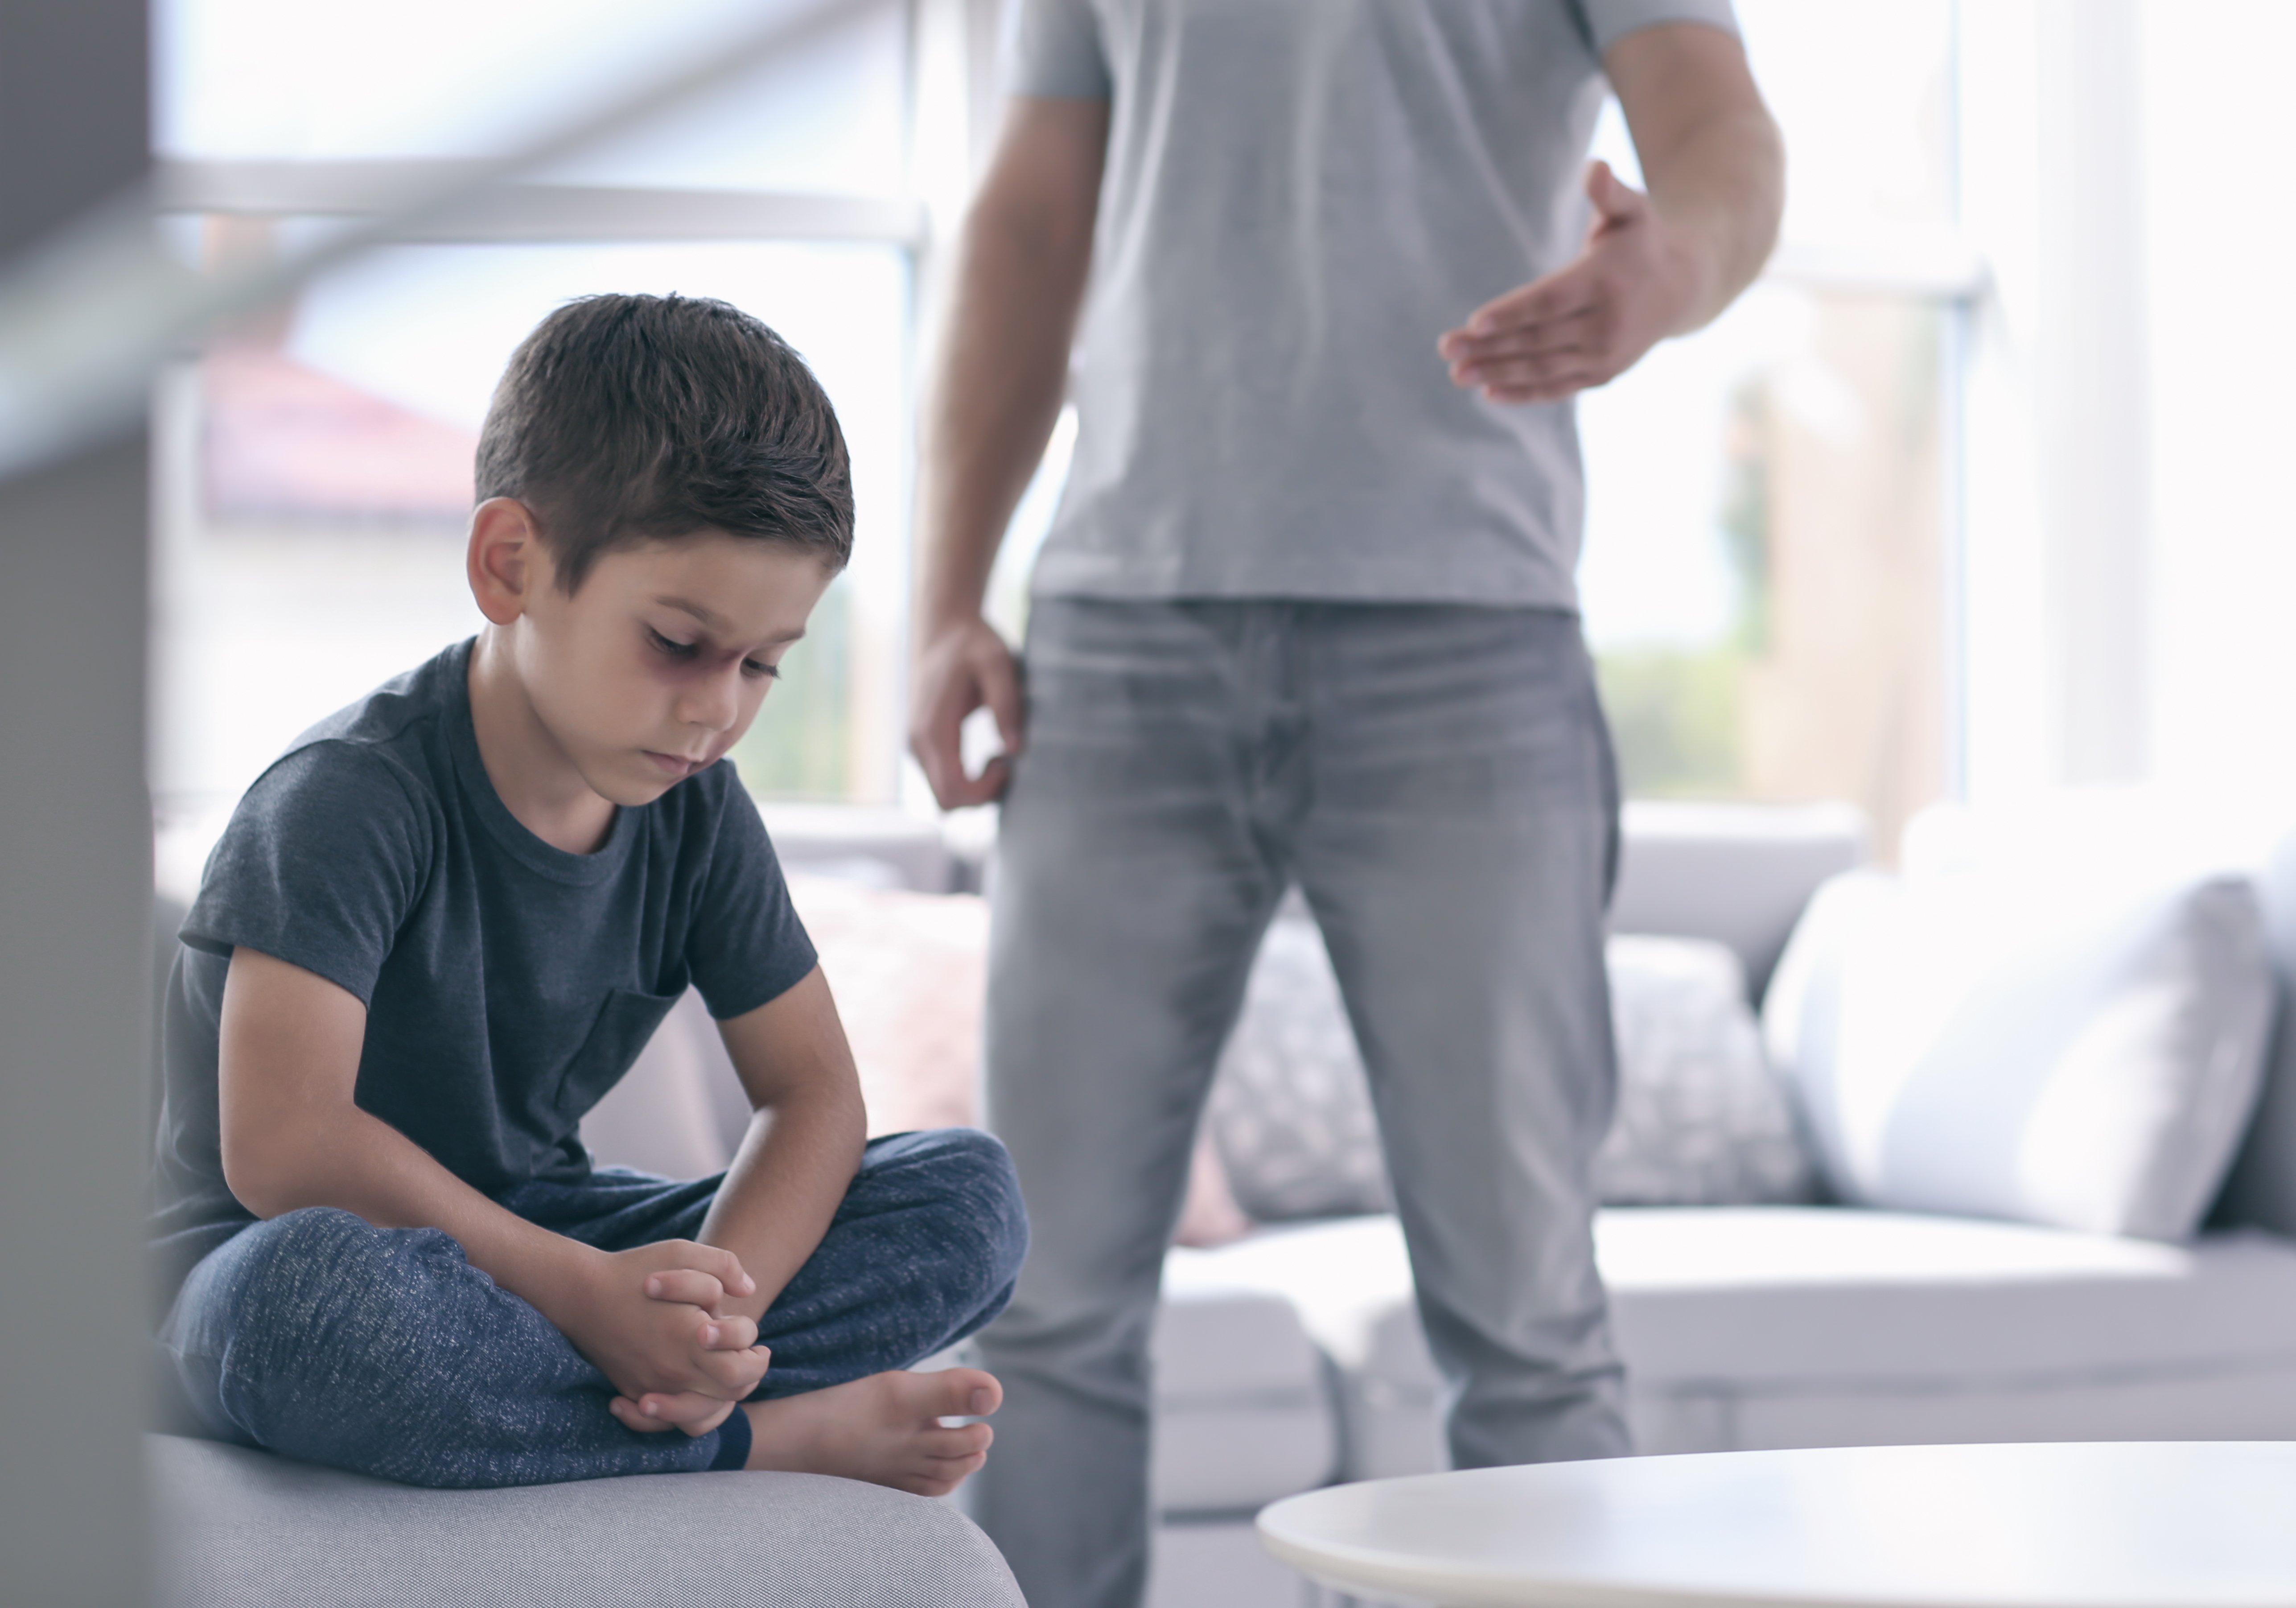 Junge wird von Vater angeschrien | Quelle: Shutterstock